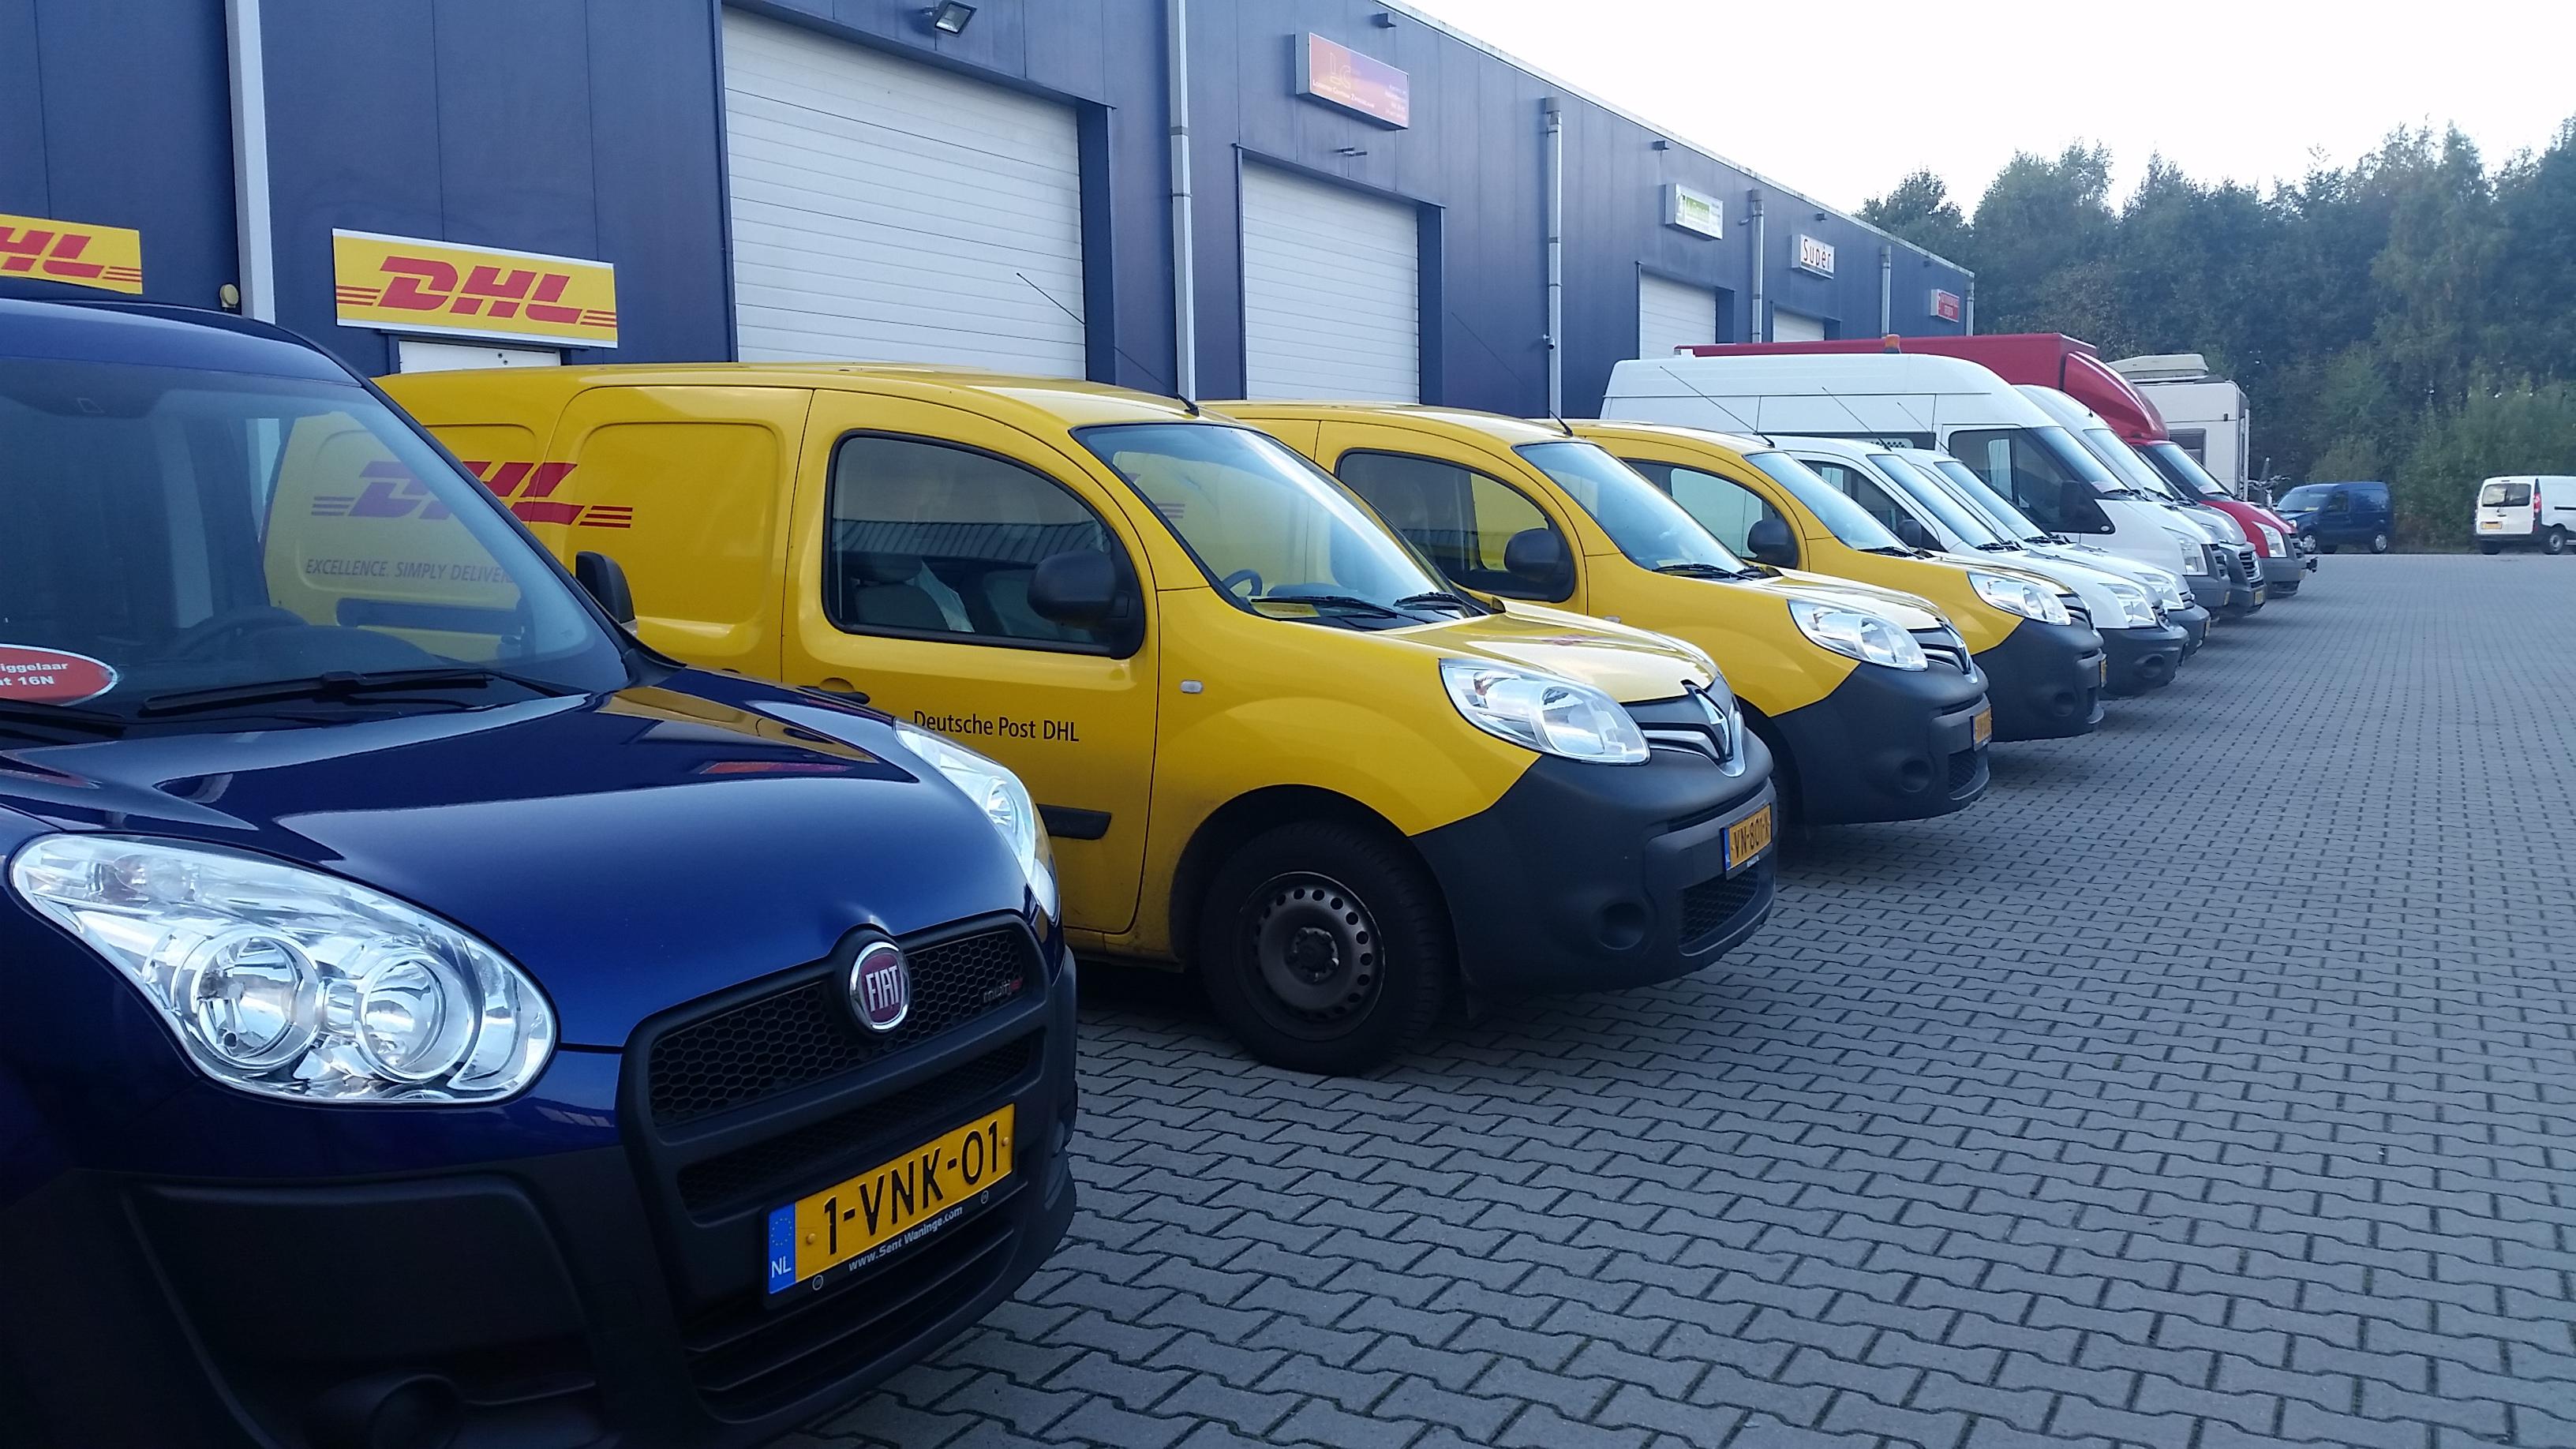 http://logistiekcentrumzwiggelaar.nl/wp-content/uploads/2016/10/neuzen-2-logistiek-centrum-zwiggelaar.jpg